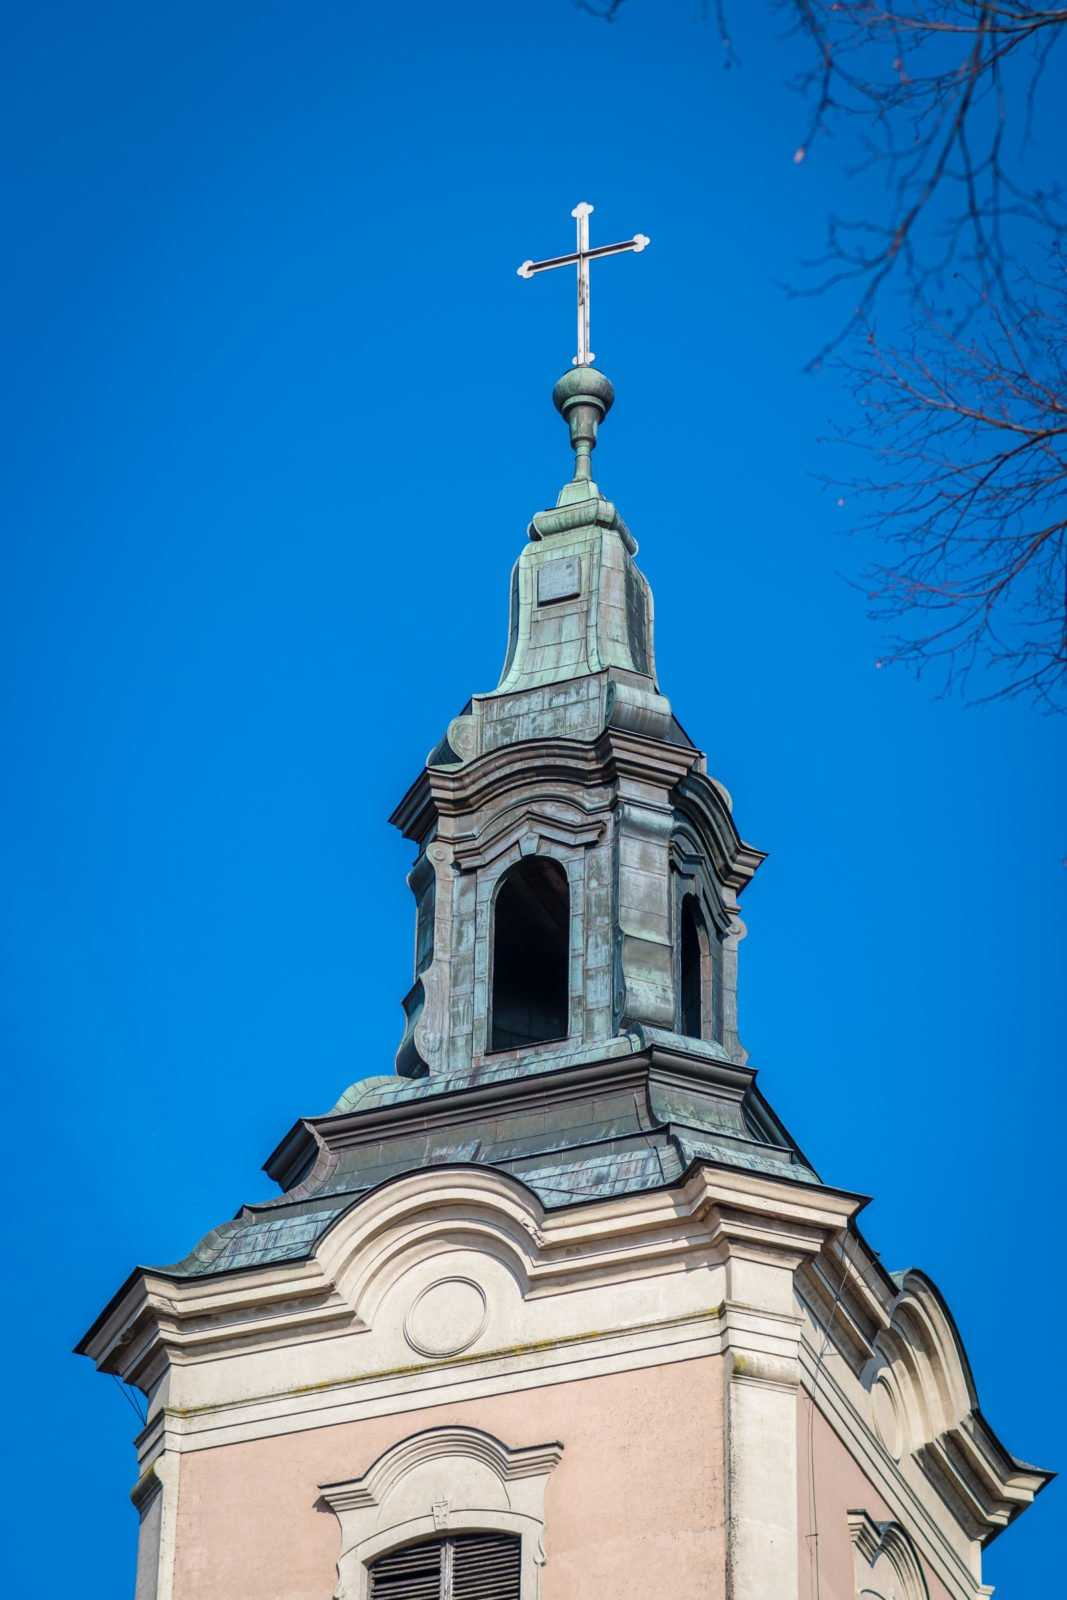 Wieża kościoła św. Mikołaja w Krobi